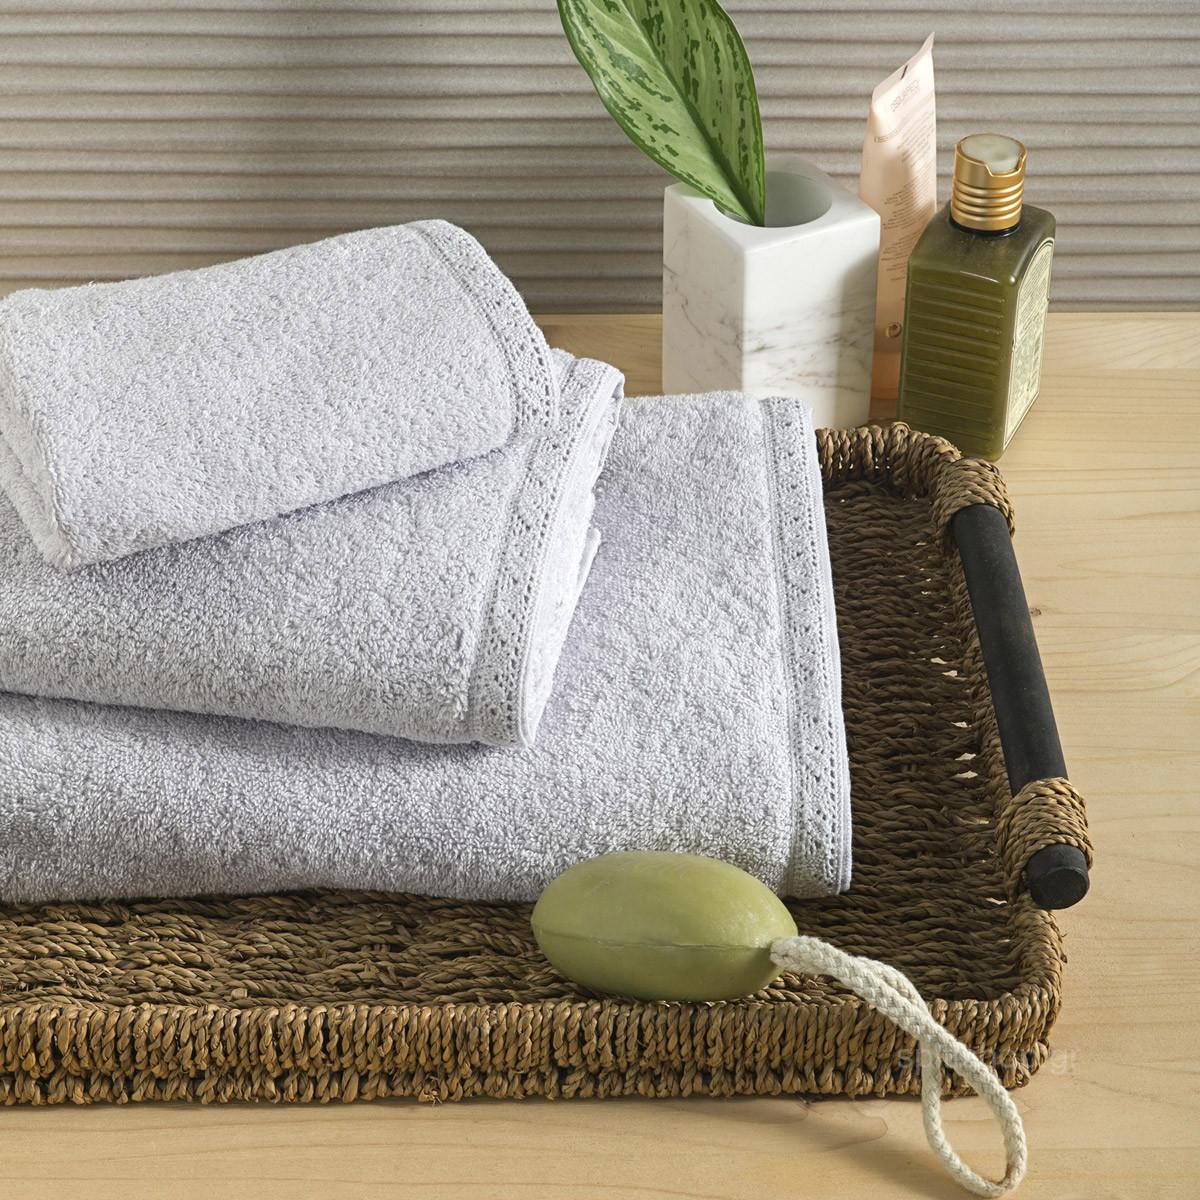 Πετσέτα Σώματος (70x140) Nima Towels Cantata Light Grey